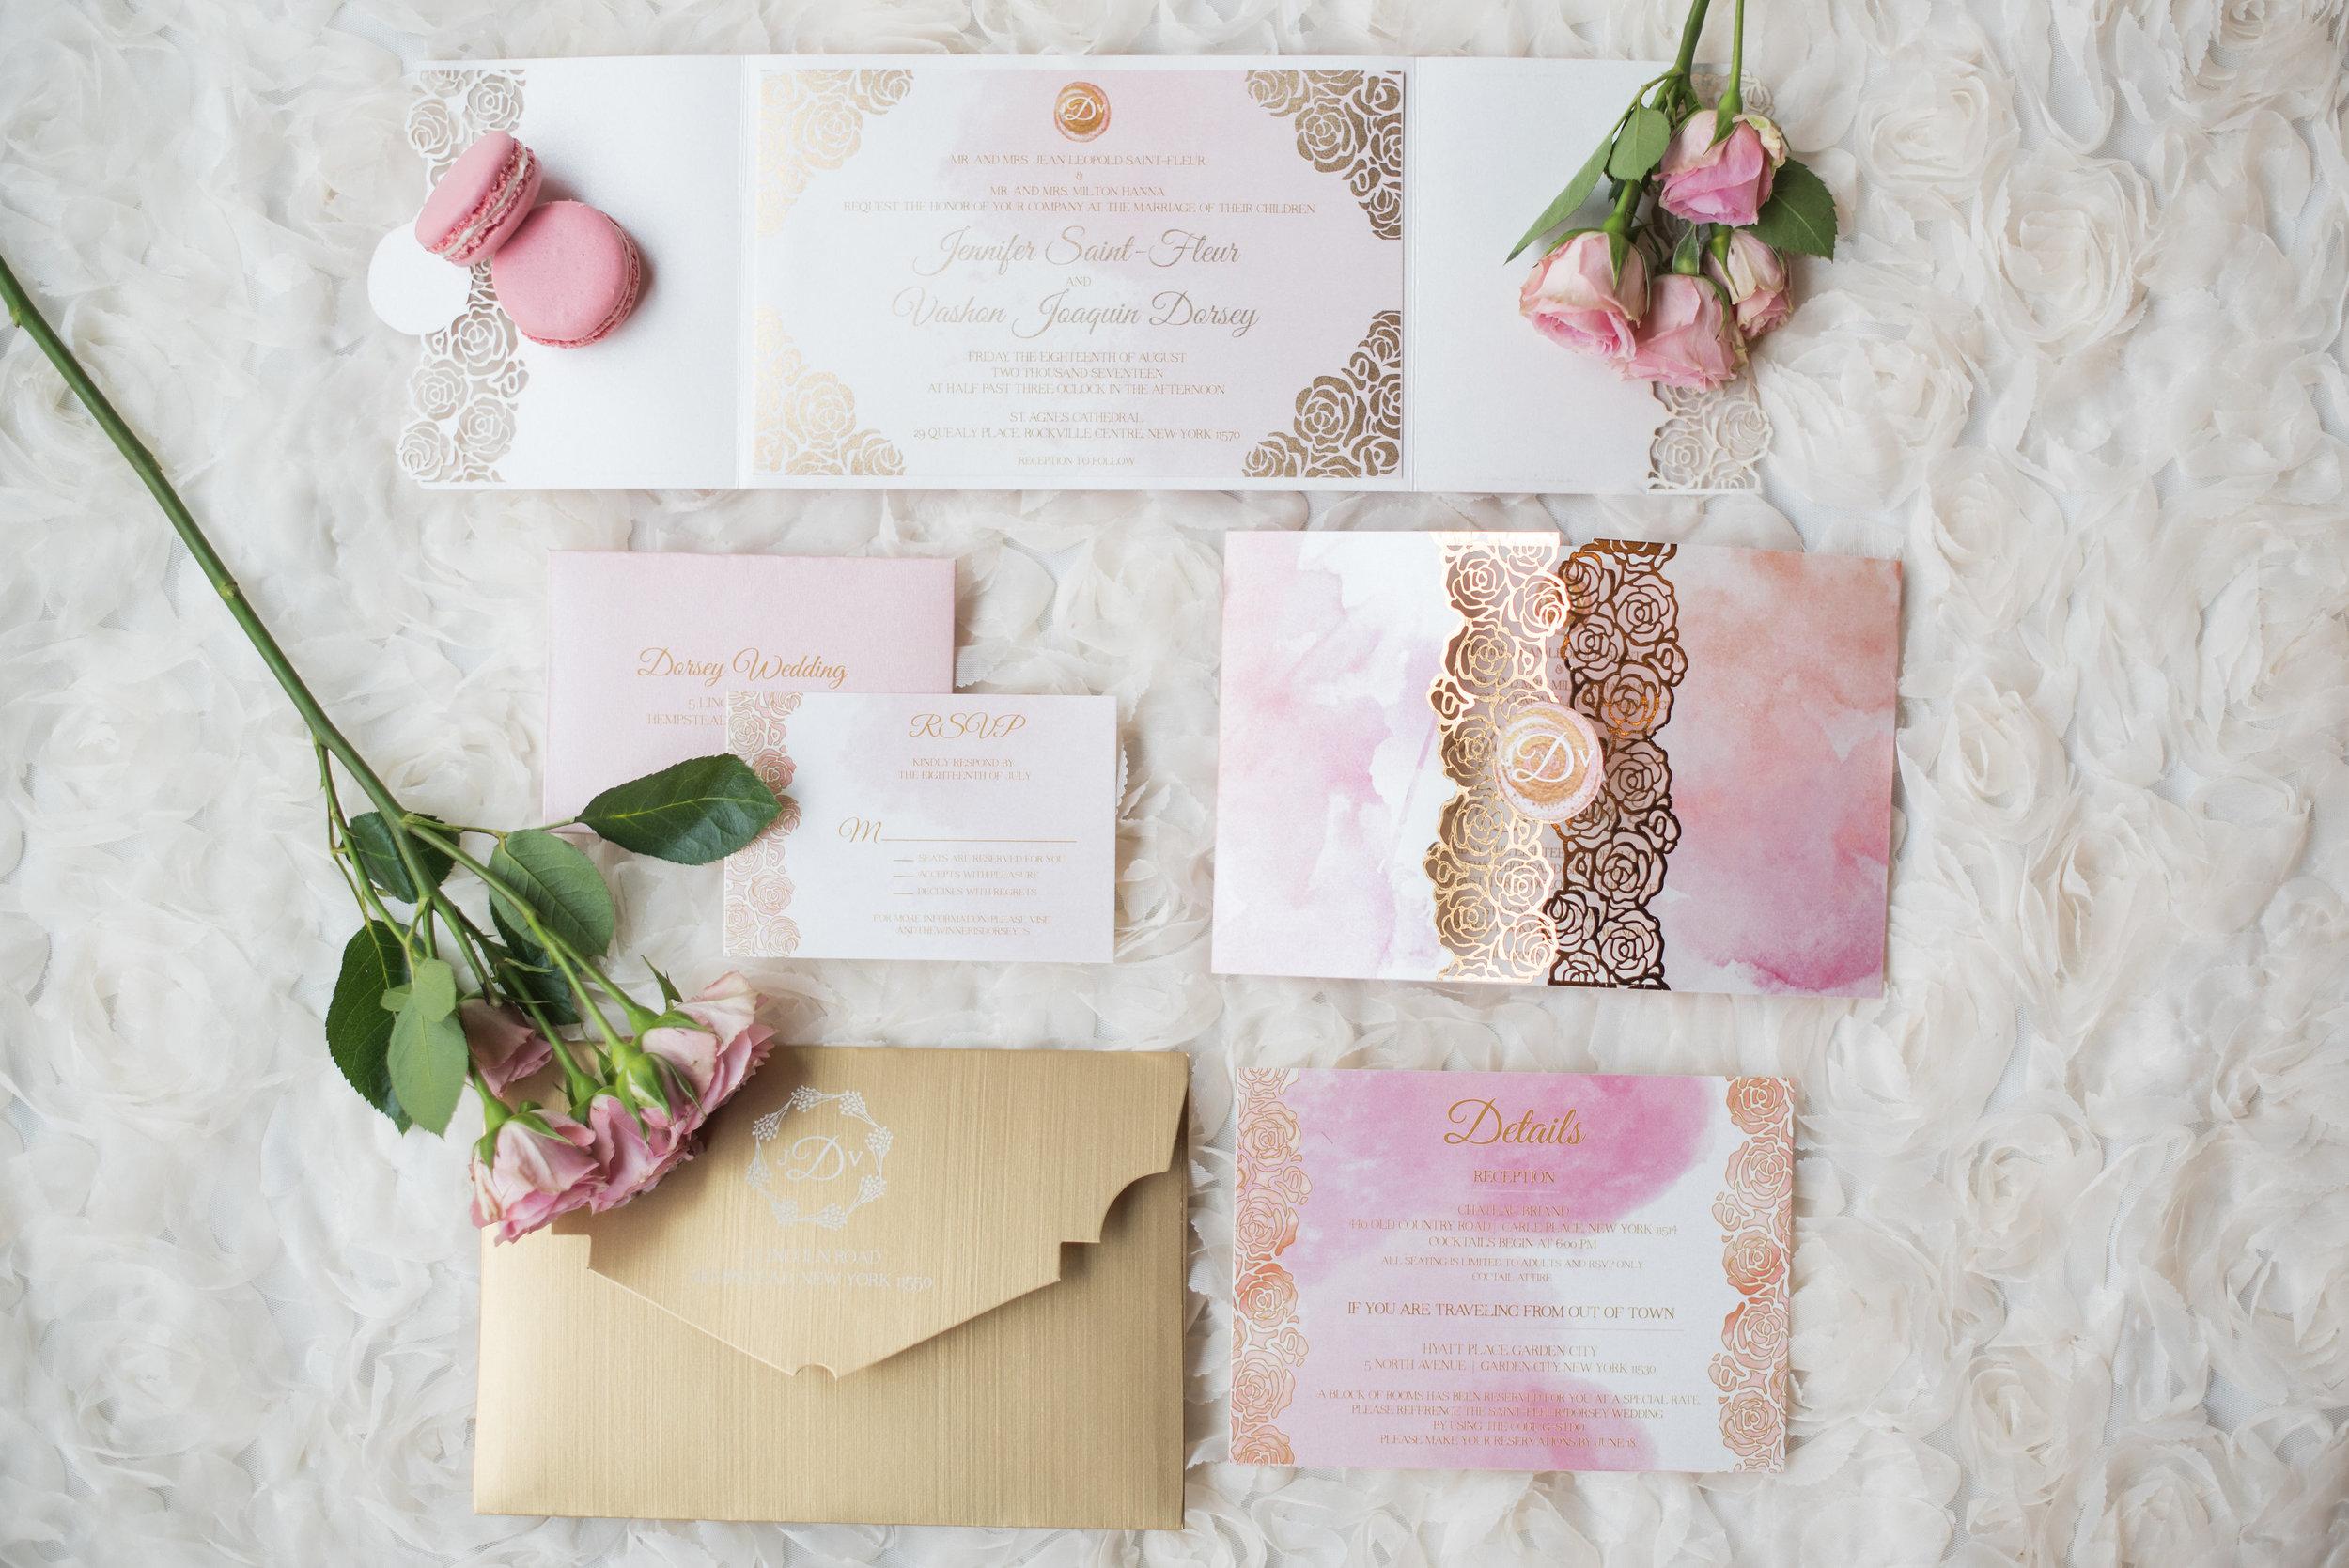 FlowerBomb-AshleighBingPhotography-1.jpg